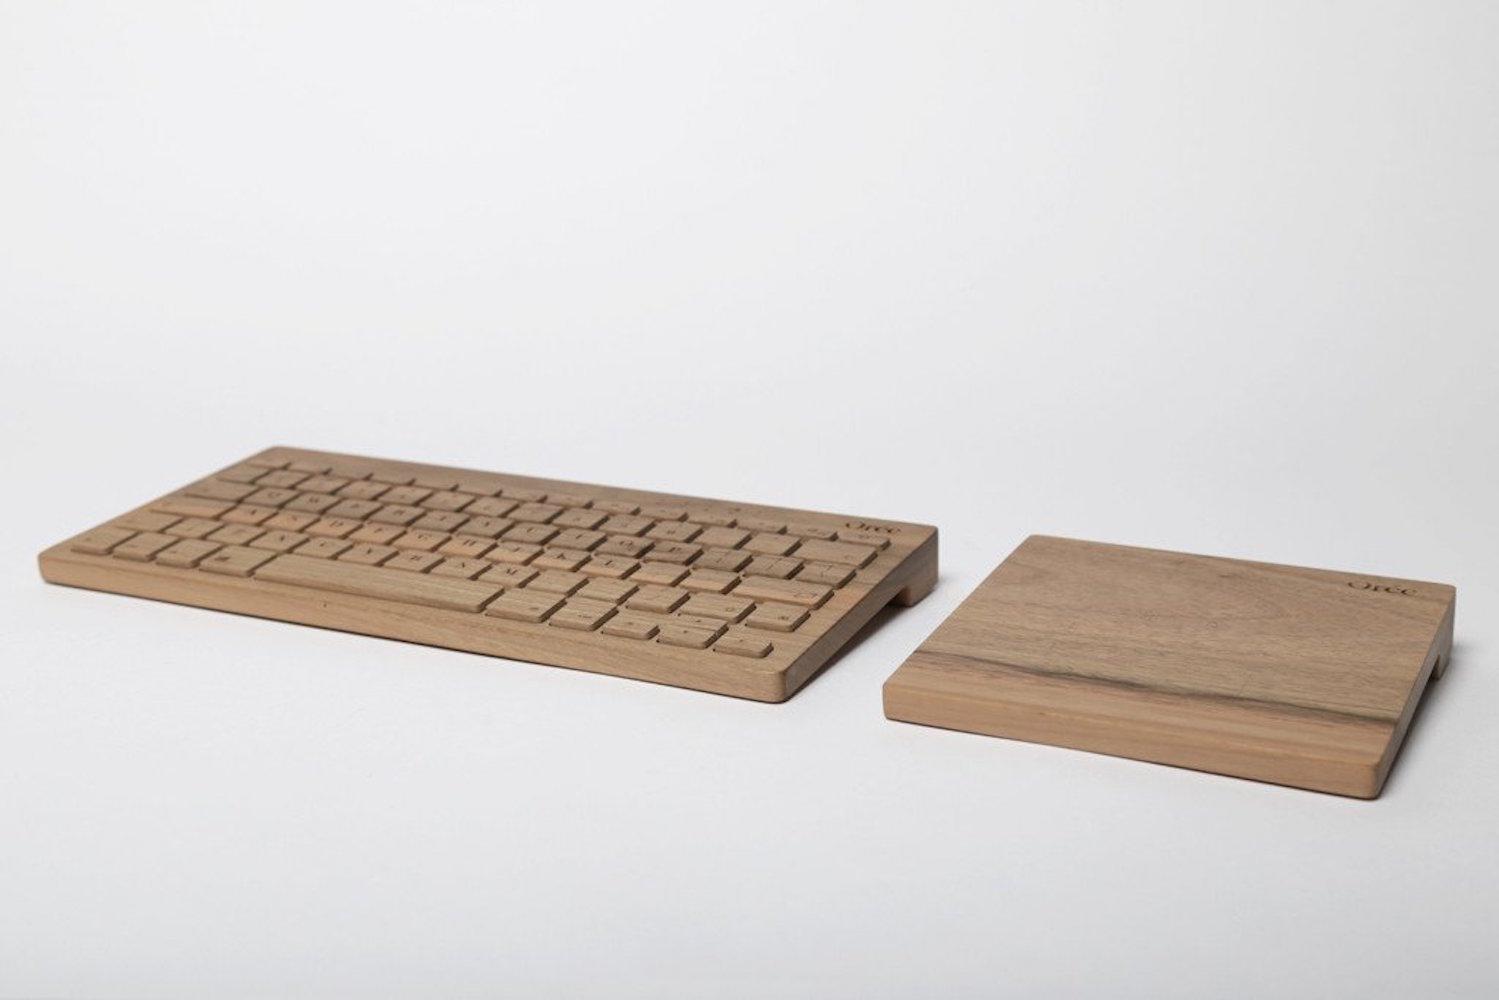 Board 2 by Orée – The Walnut Wood Wireless Keyboard